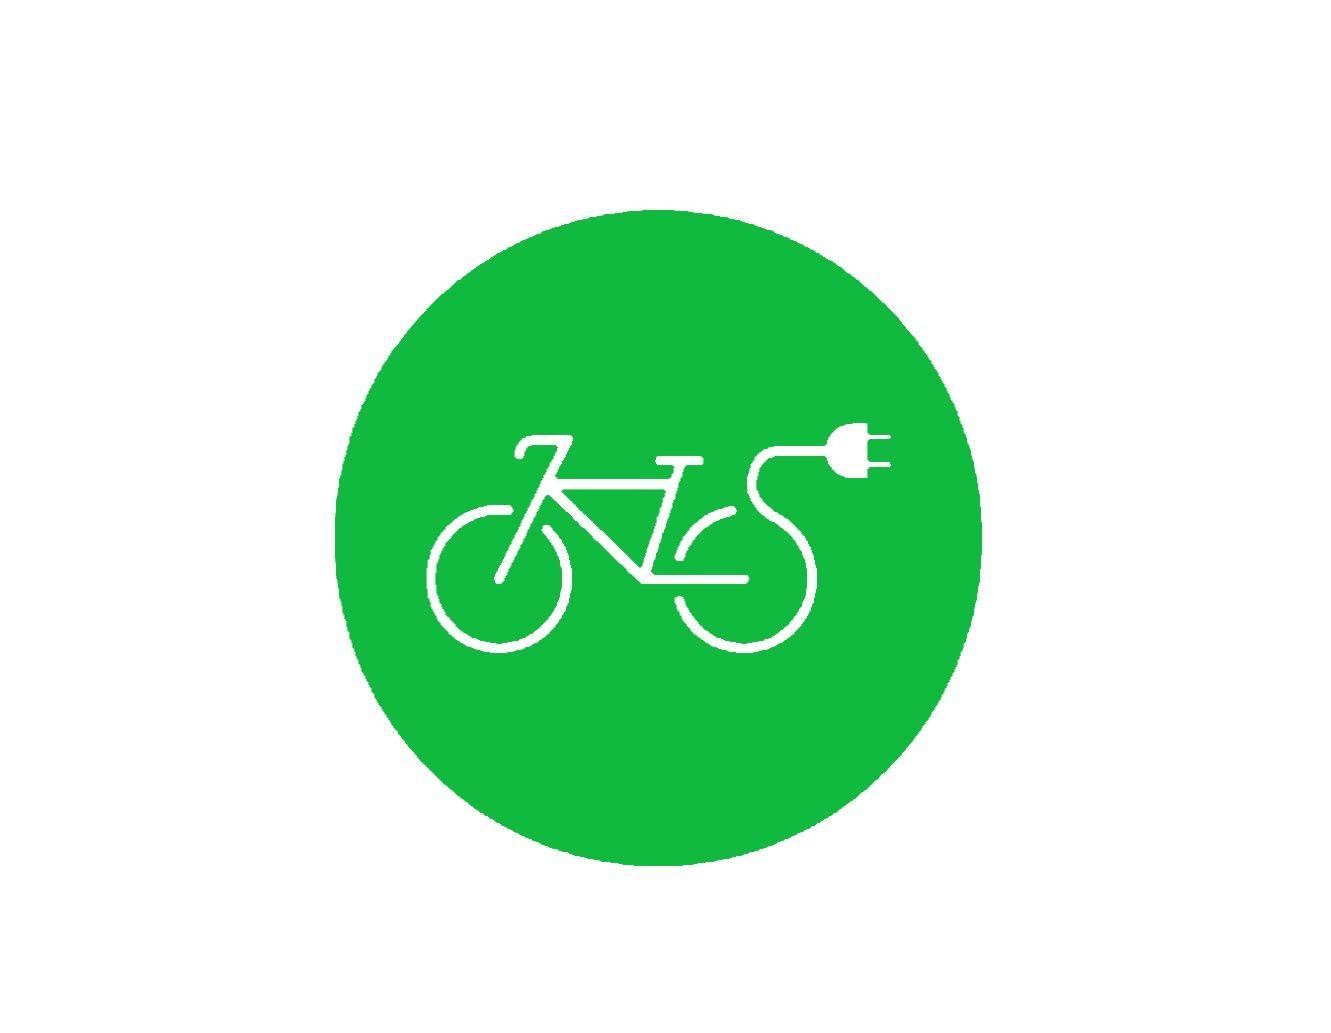 אופני גדרה, גדרה